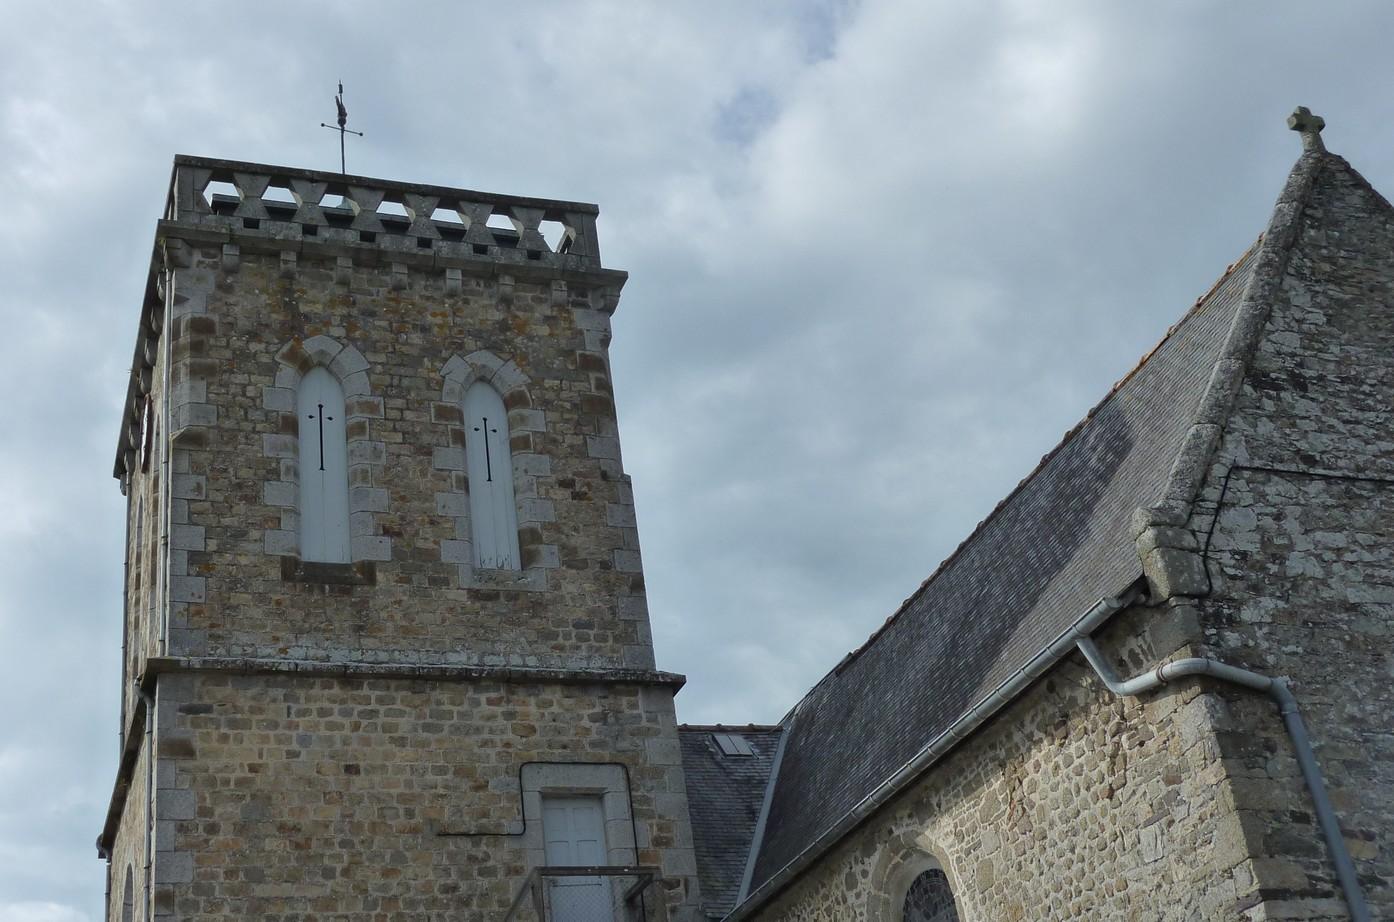 Un séjour à Saint Jean le Thomas en automne, pourquoi pas ?